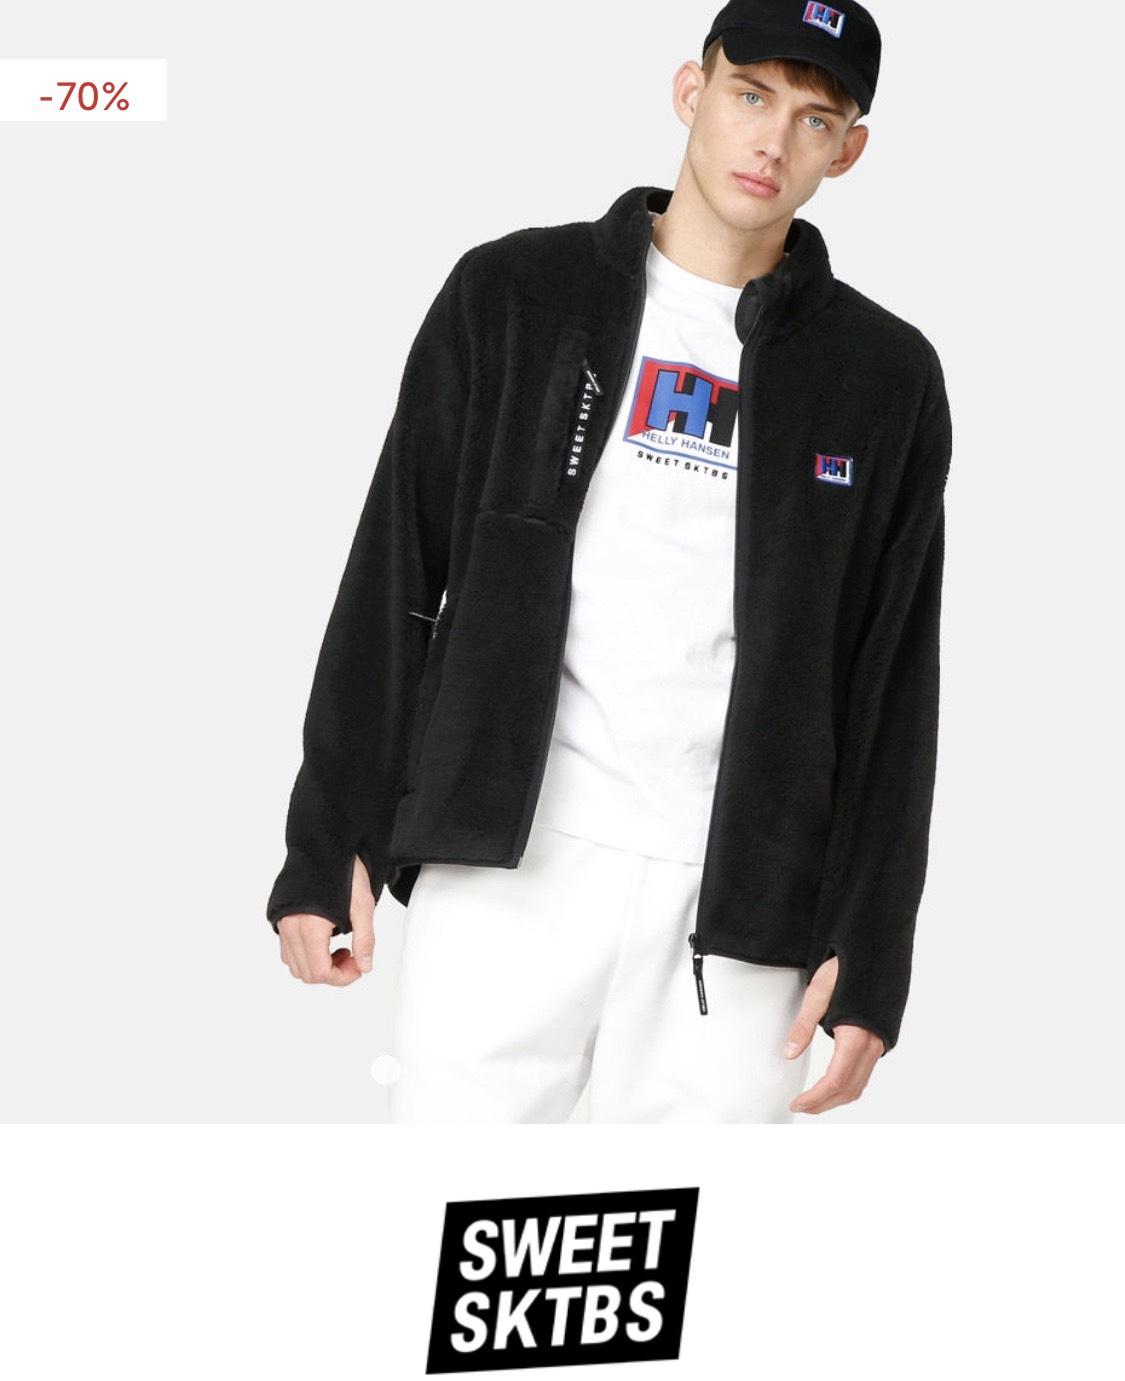 Veste/Sweet HH Sherpa Zip Noir - Tailles au choix (junkyard.com)